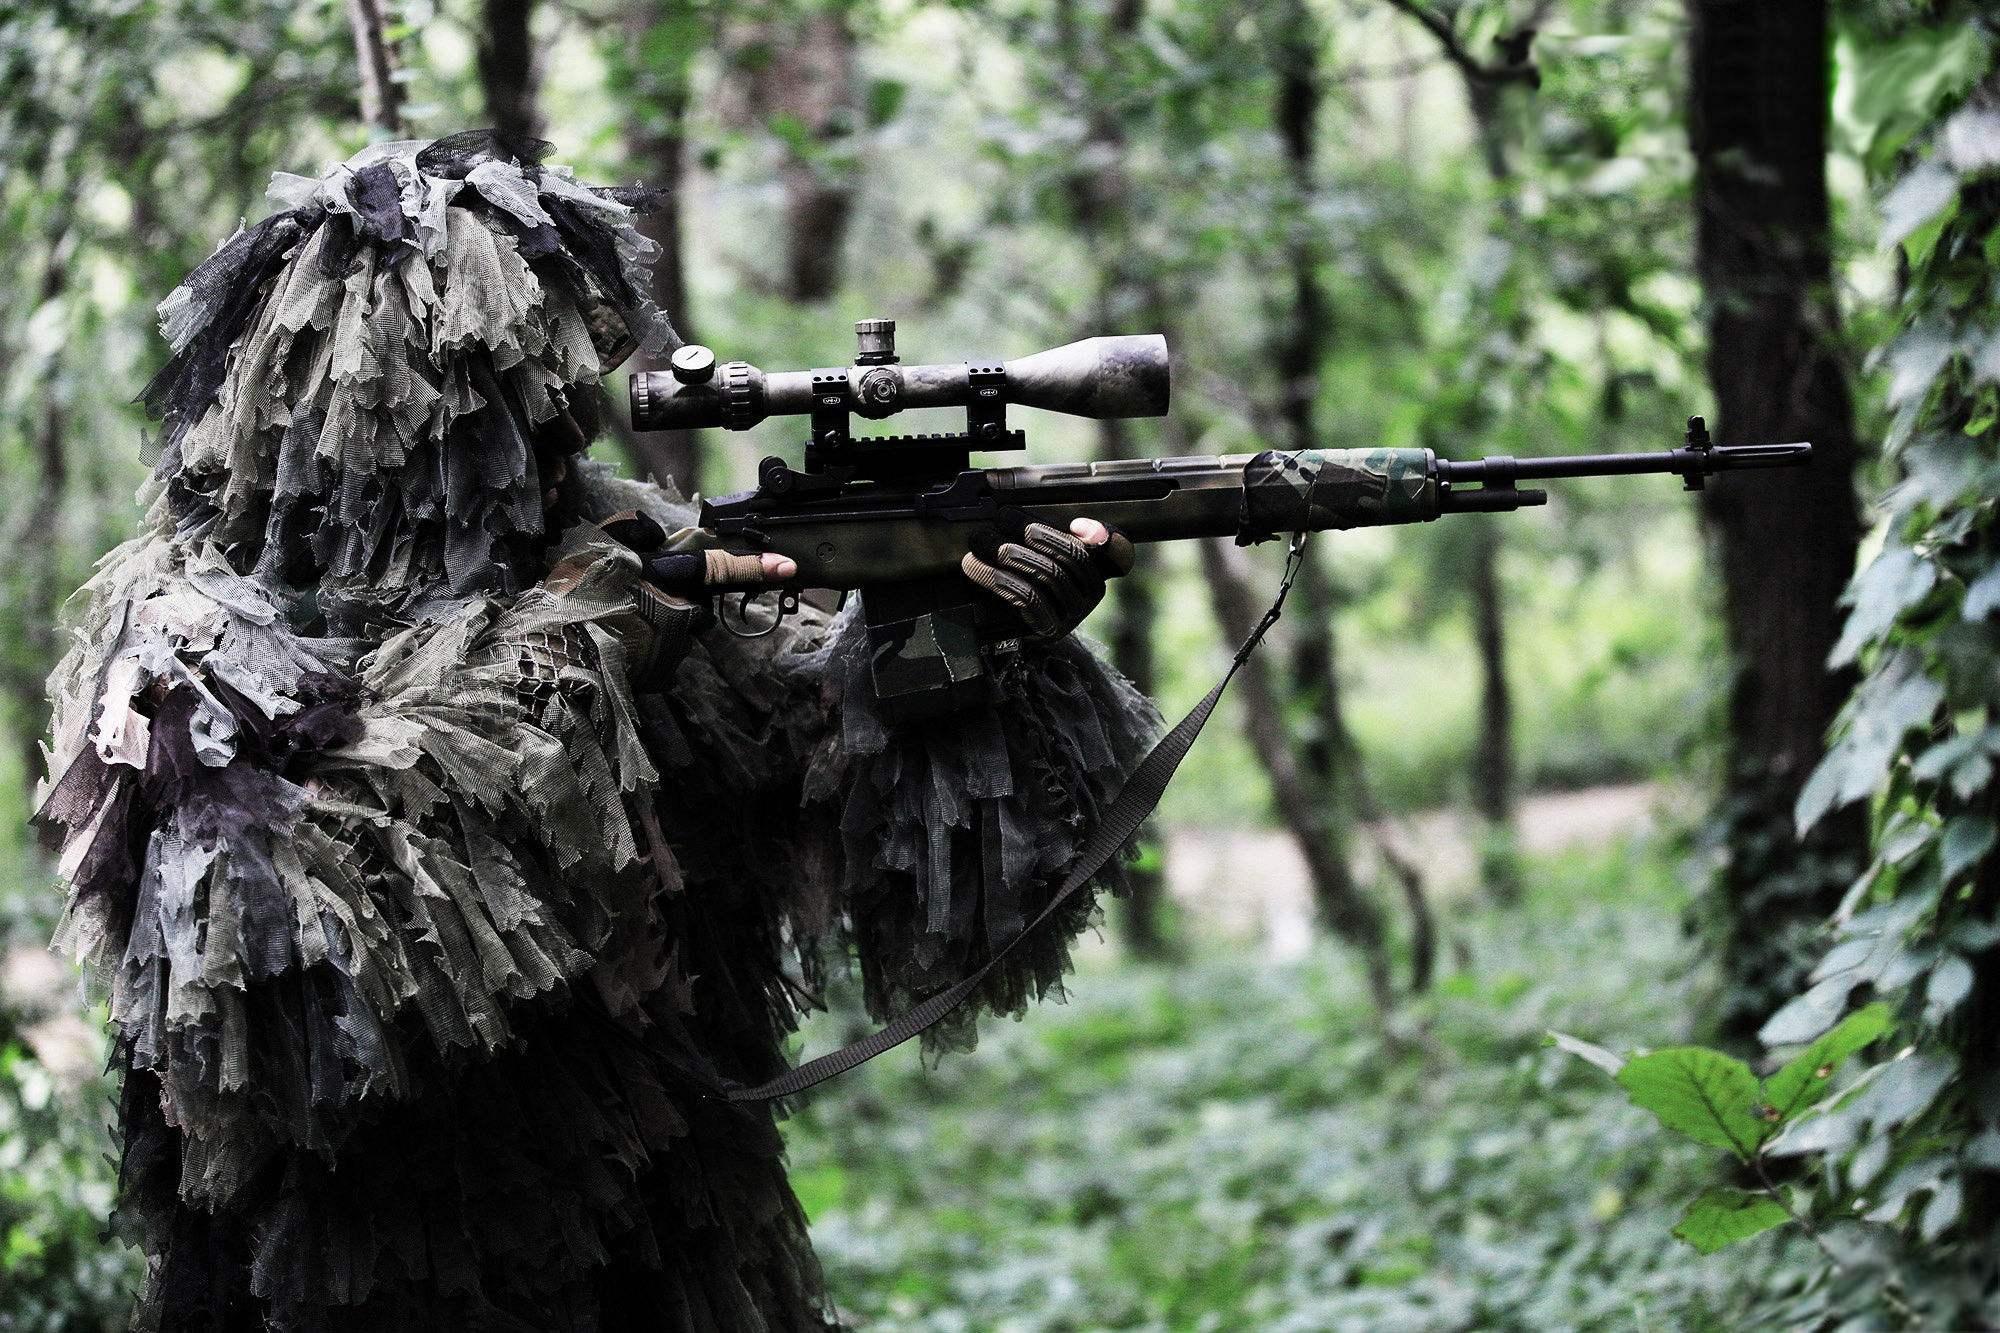 狙击手参加奥运会射击比赛会如何?班门弄斧,毫无意外被淘汰